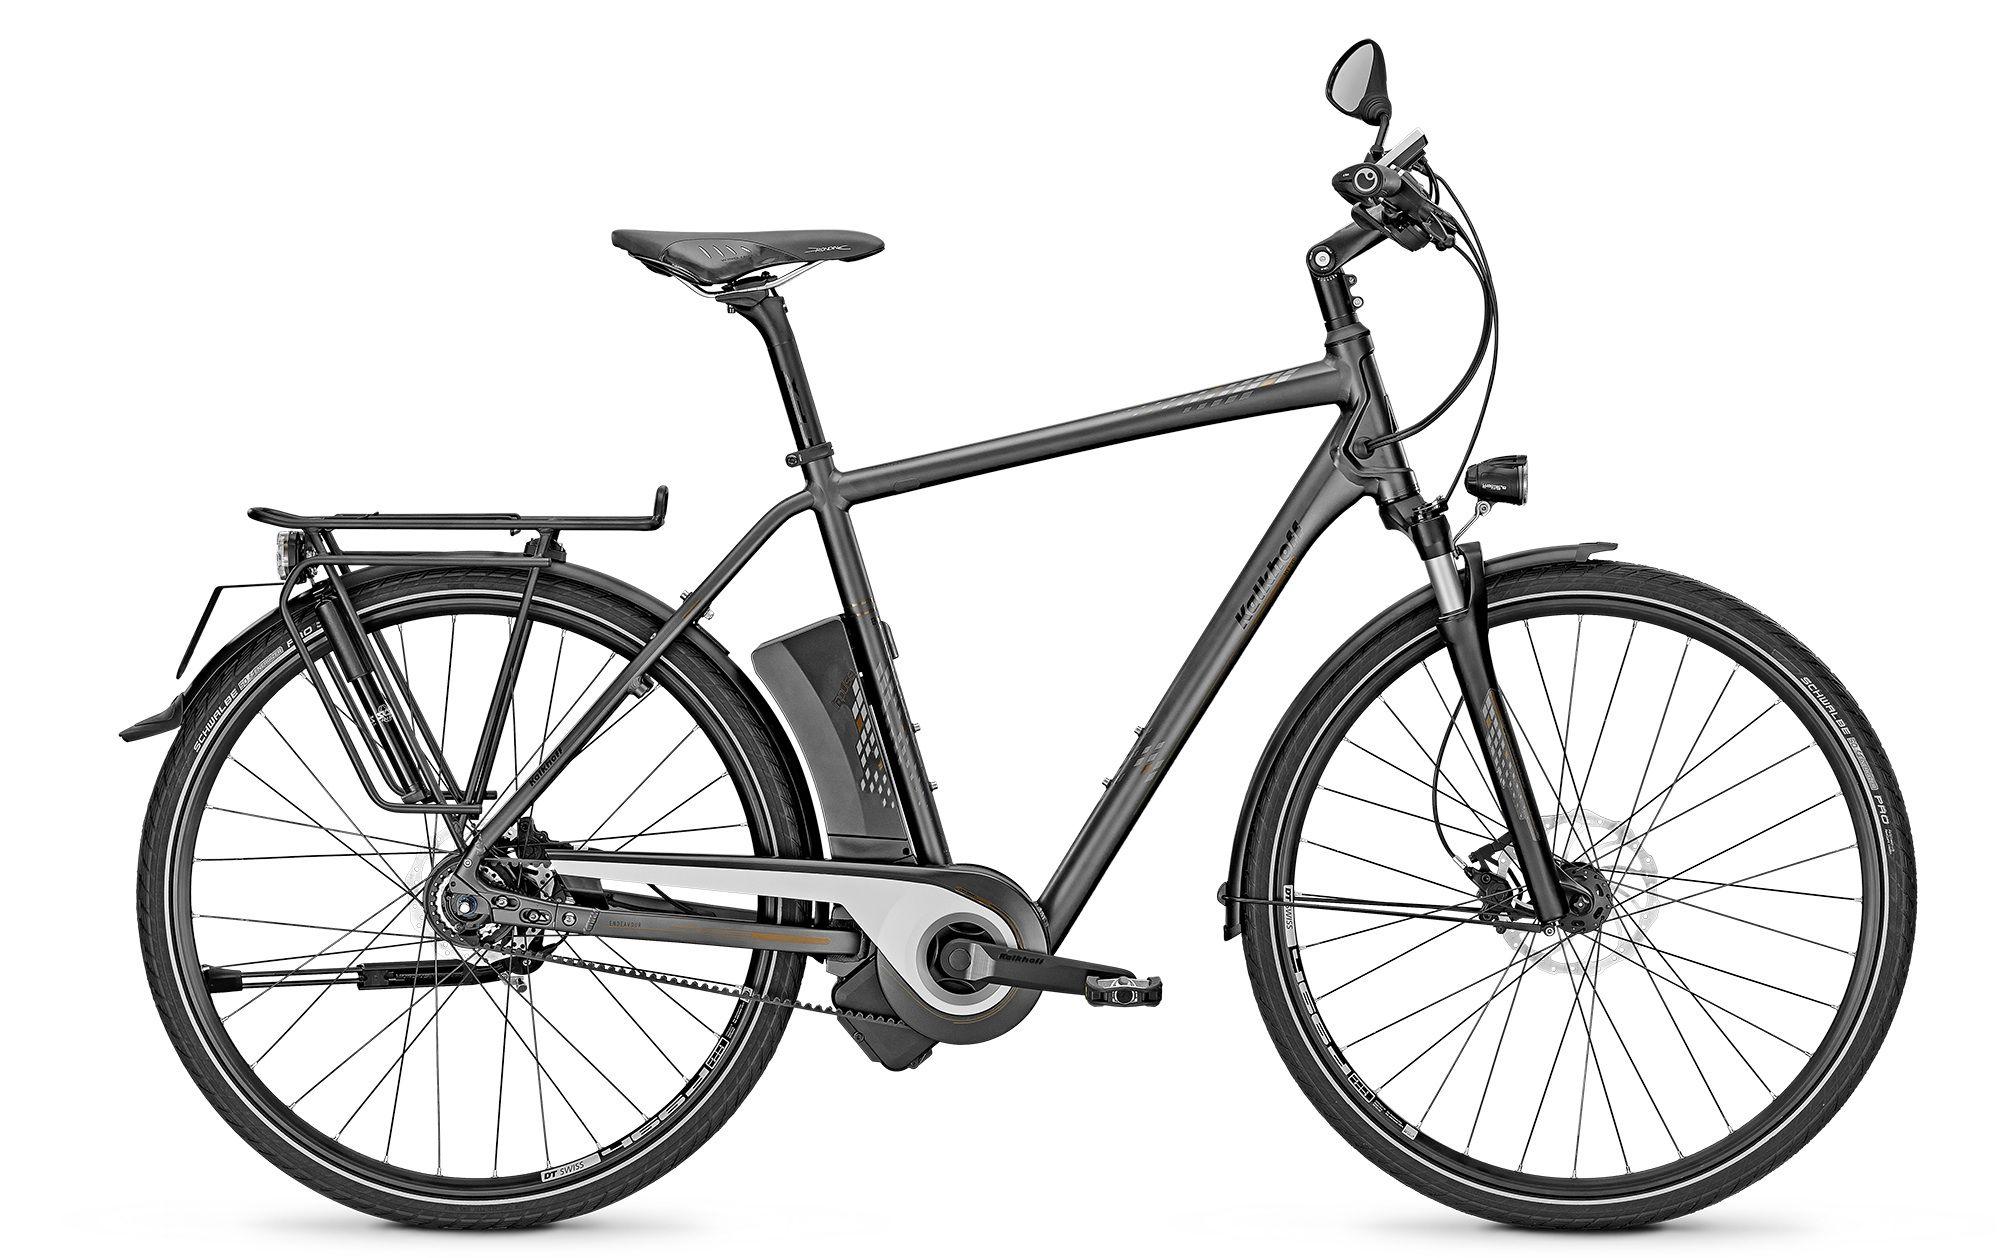 Kalkhoff E-Bikes 2015: Die Pedelec-Neuheiten und Antriebe im Überblick - http://www.ebike-news.de/kalkhoff-e-bikes-2015-die-pedelec-neuheiten-und-antriebe-im-ueberblick/7857/